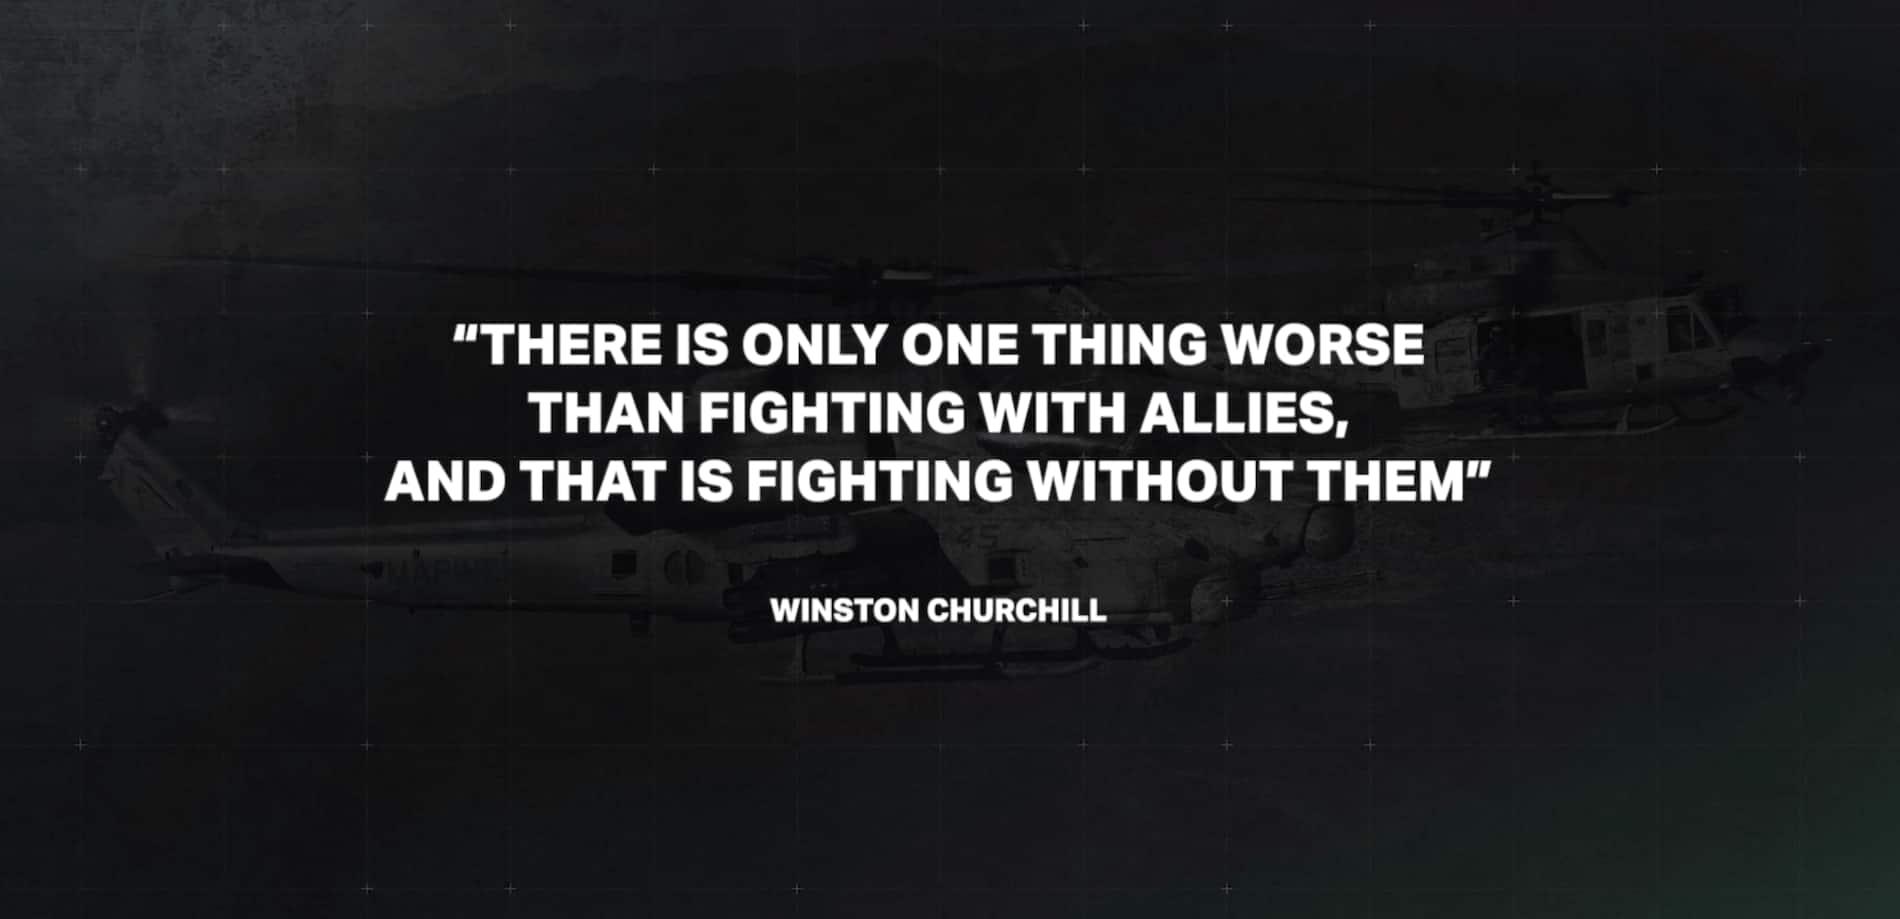 Image de couverture de la vidéo de l'équipe Viper Venom - Citation de Winston Churchill